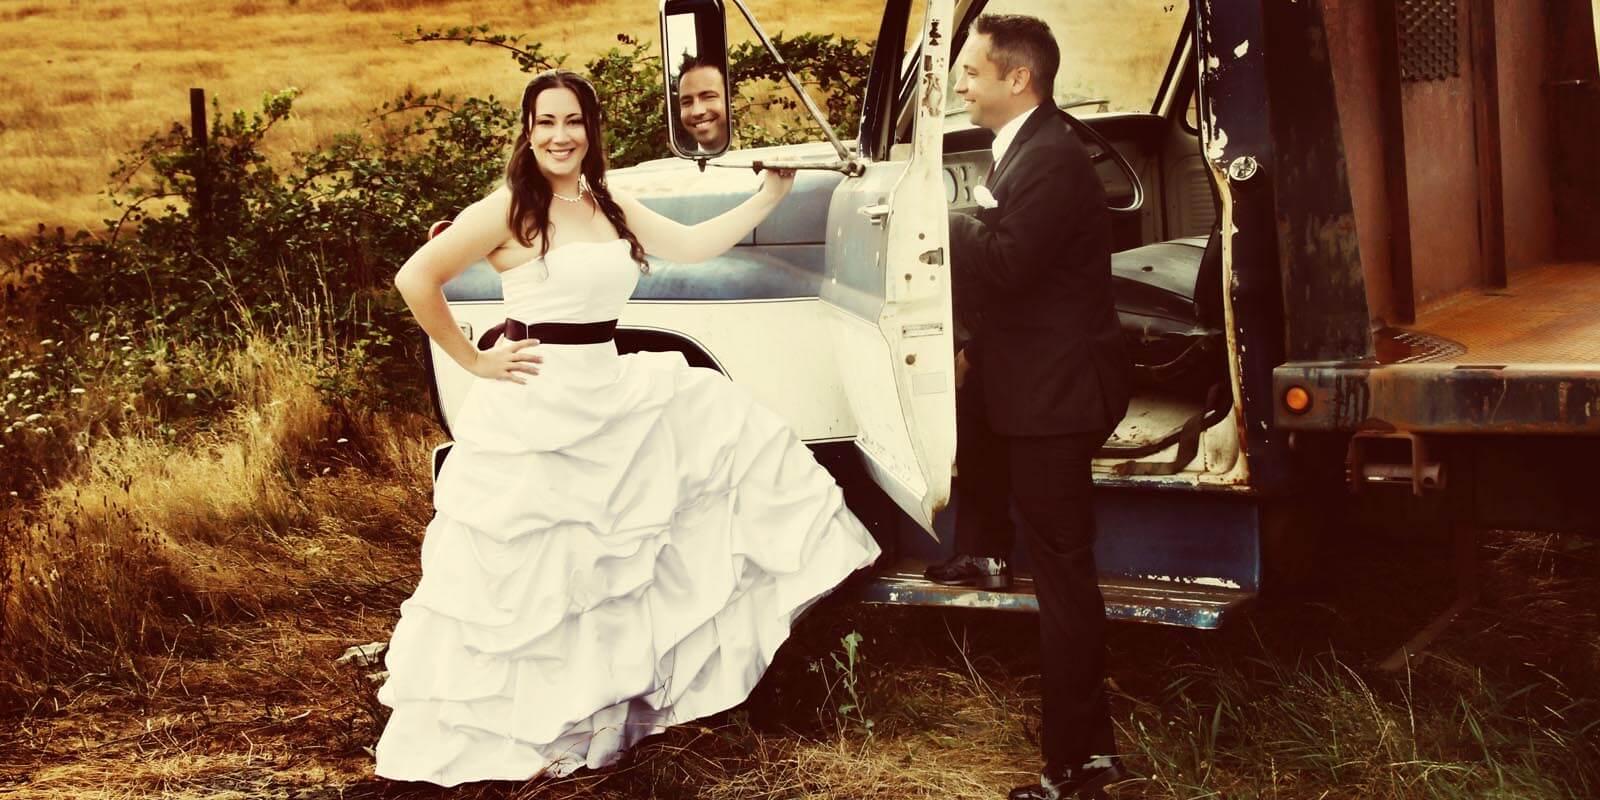 sweet-cheeks-winery-eugene-oregon-wedding-010-011.jpg